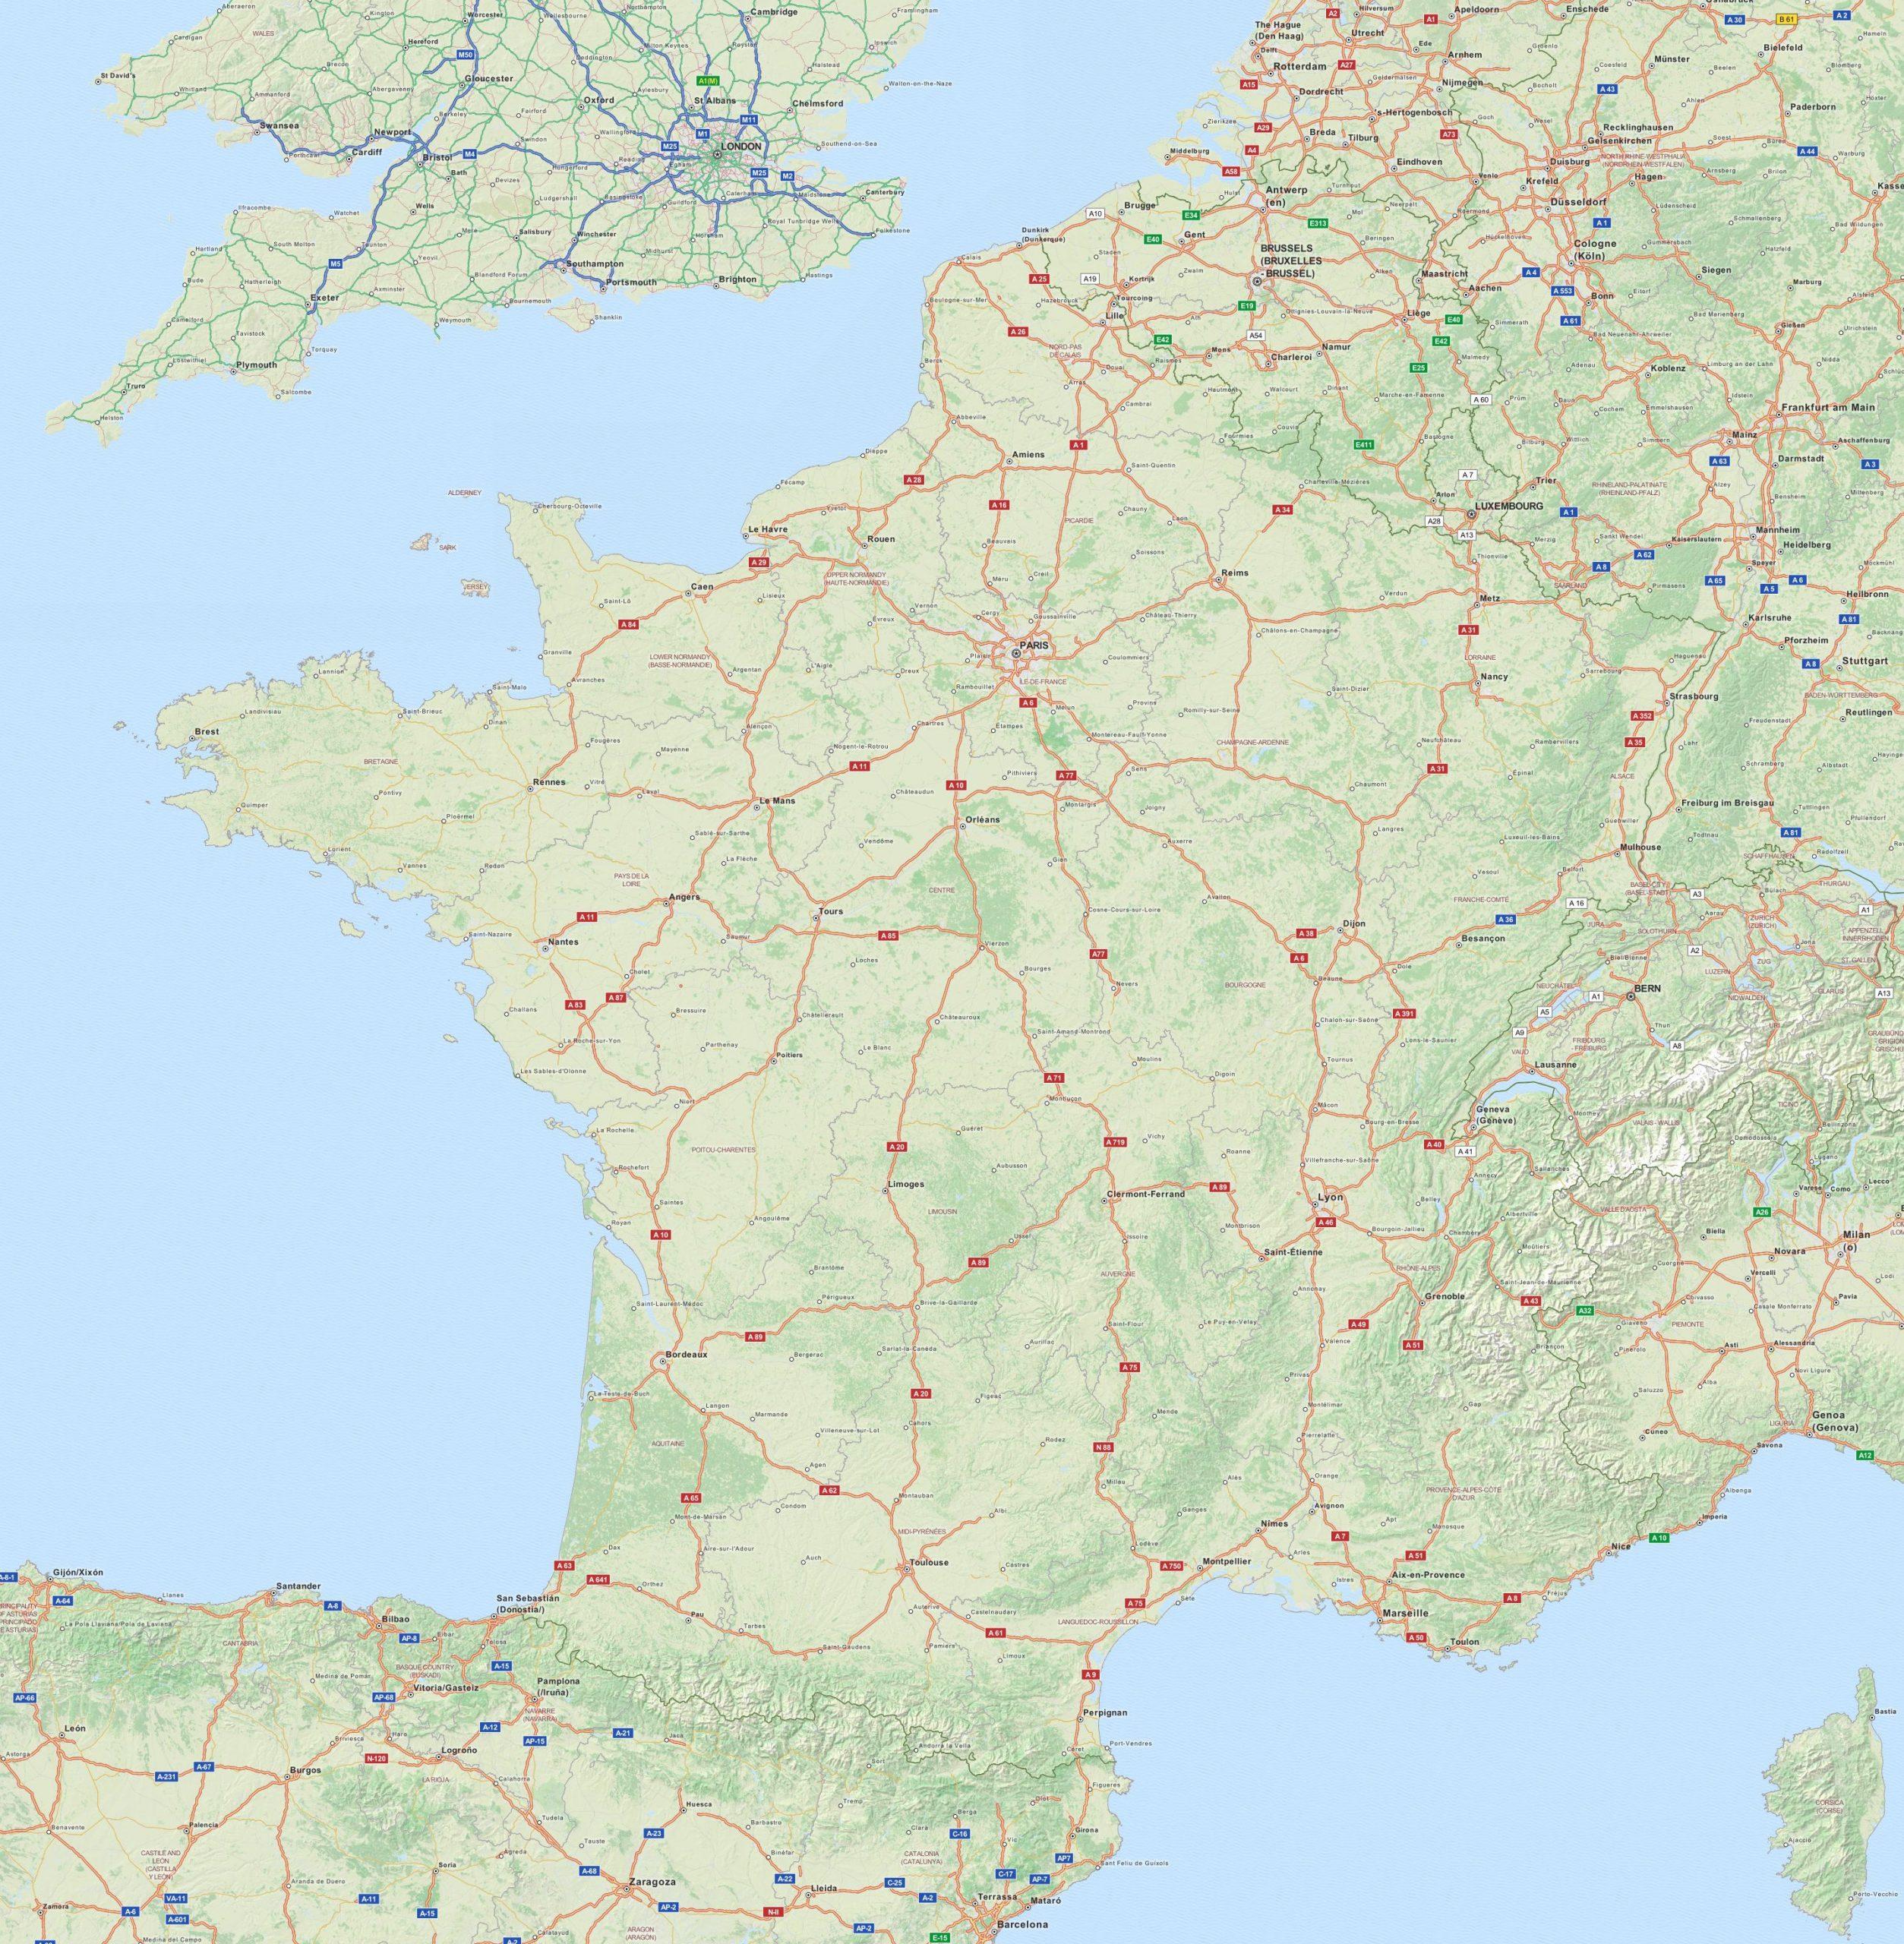 Cartograf.fr : Carte Routière De La France Avec Les Autoroutes à Grande Carte De France